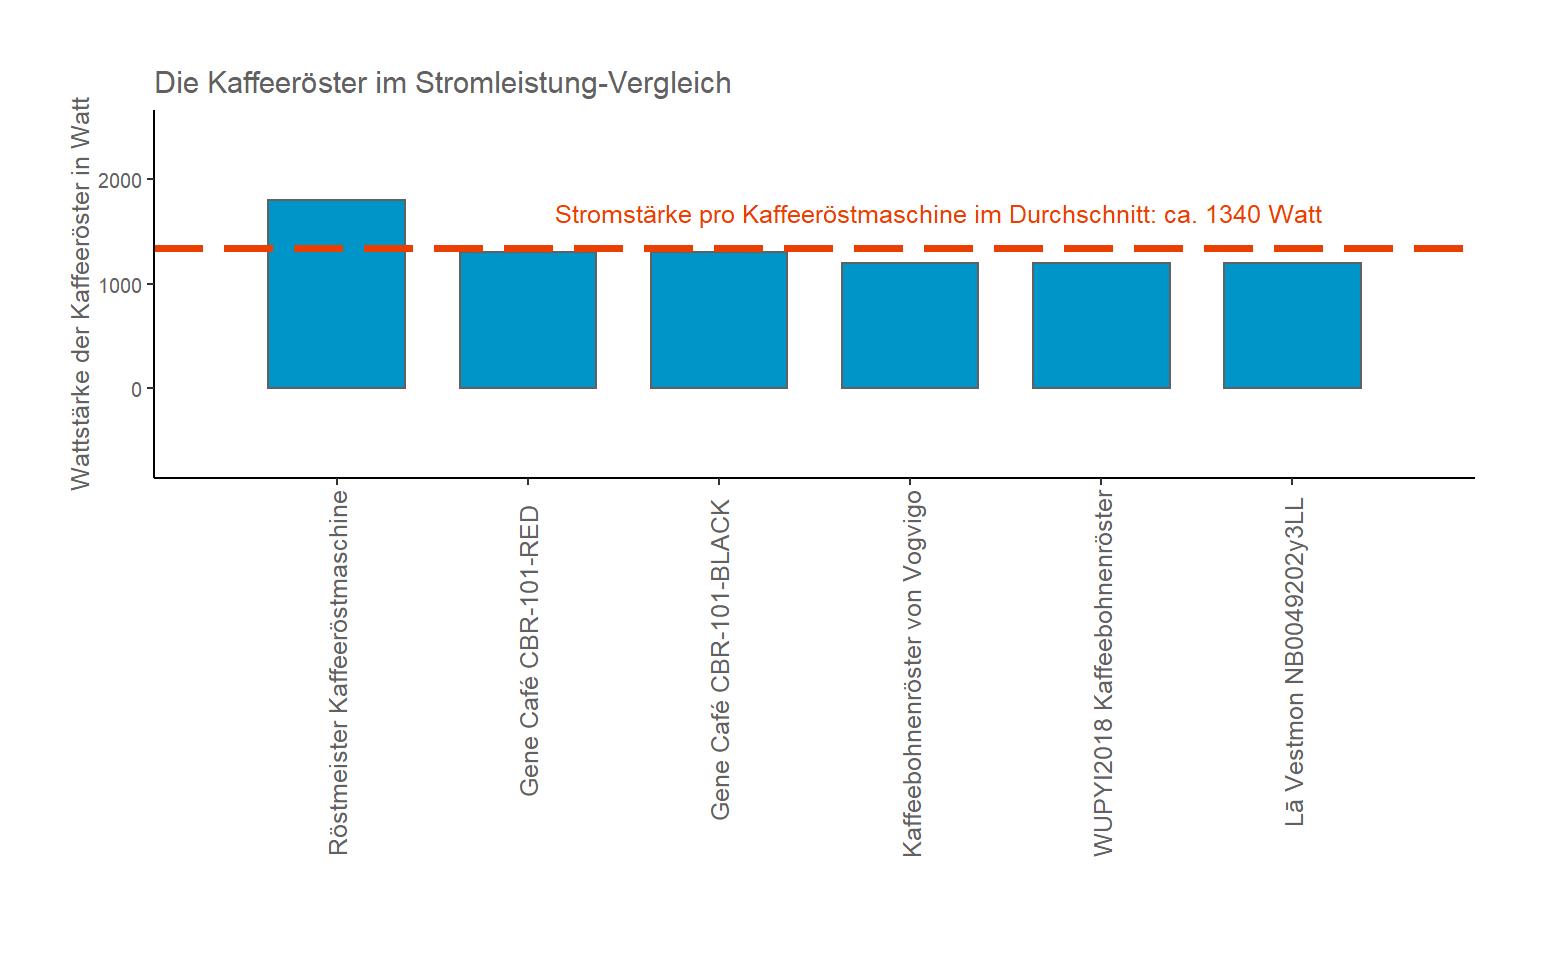 ausdifferenzierter Stromverbrauch-Vergleich Kaffeeröster Wattzahl